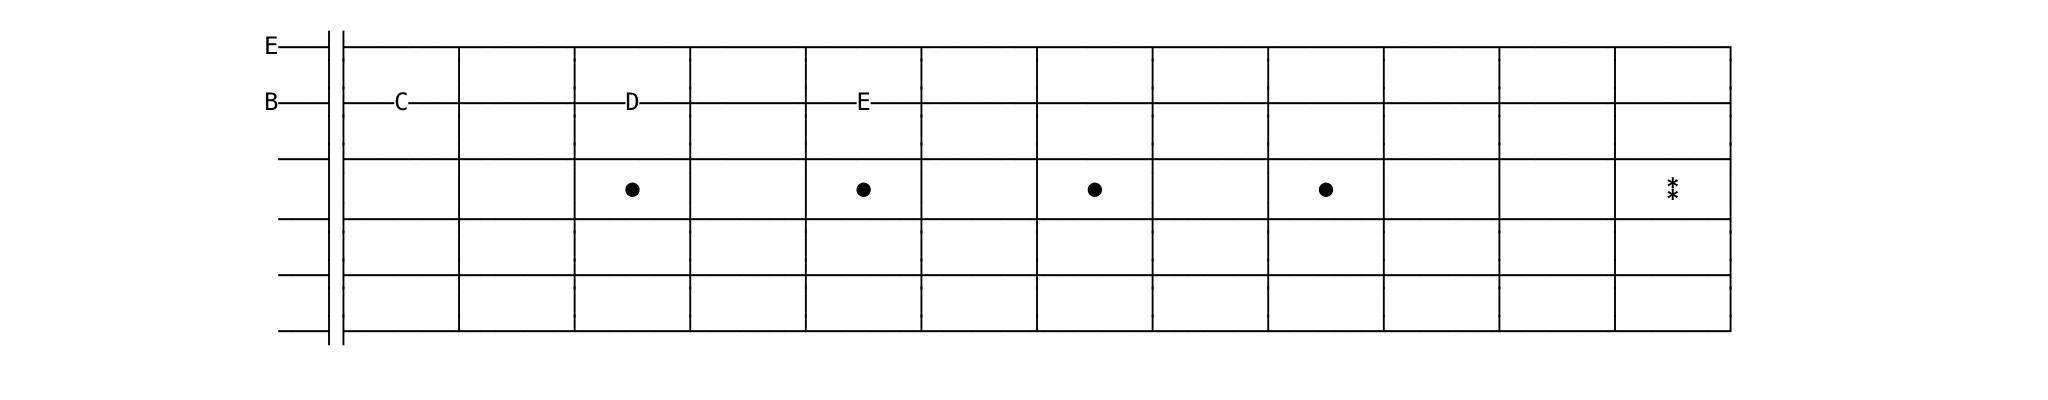 string 2 to string 1